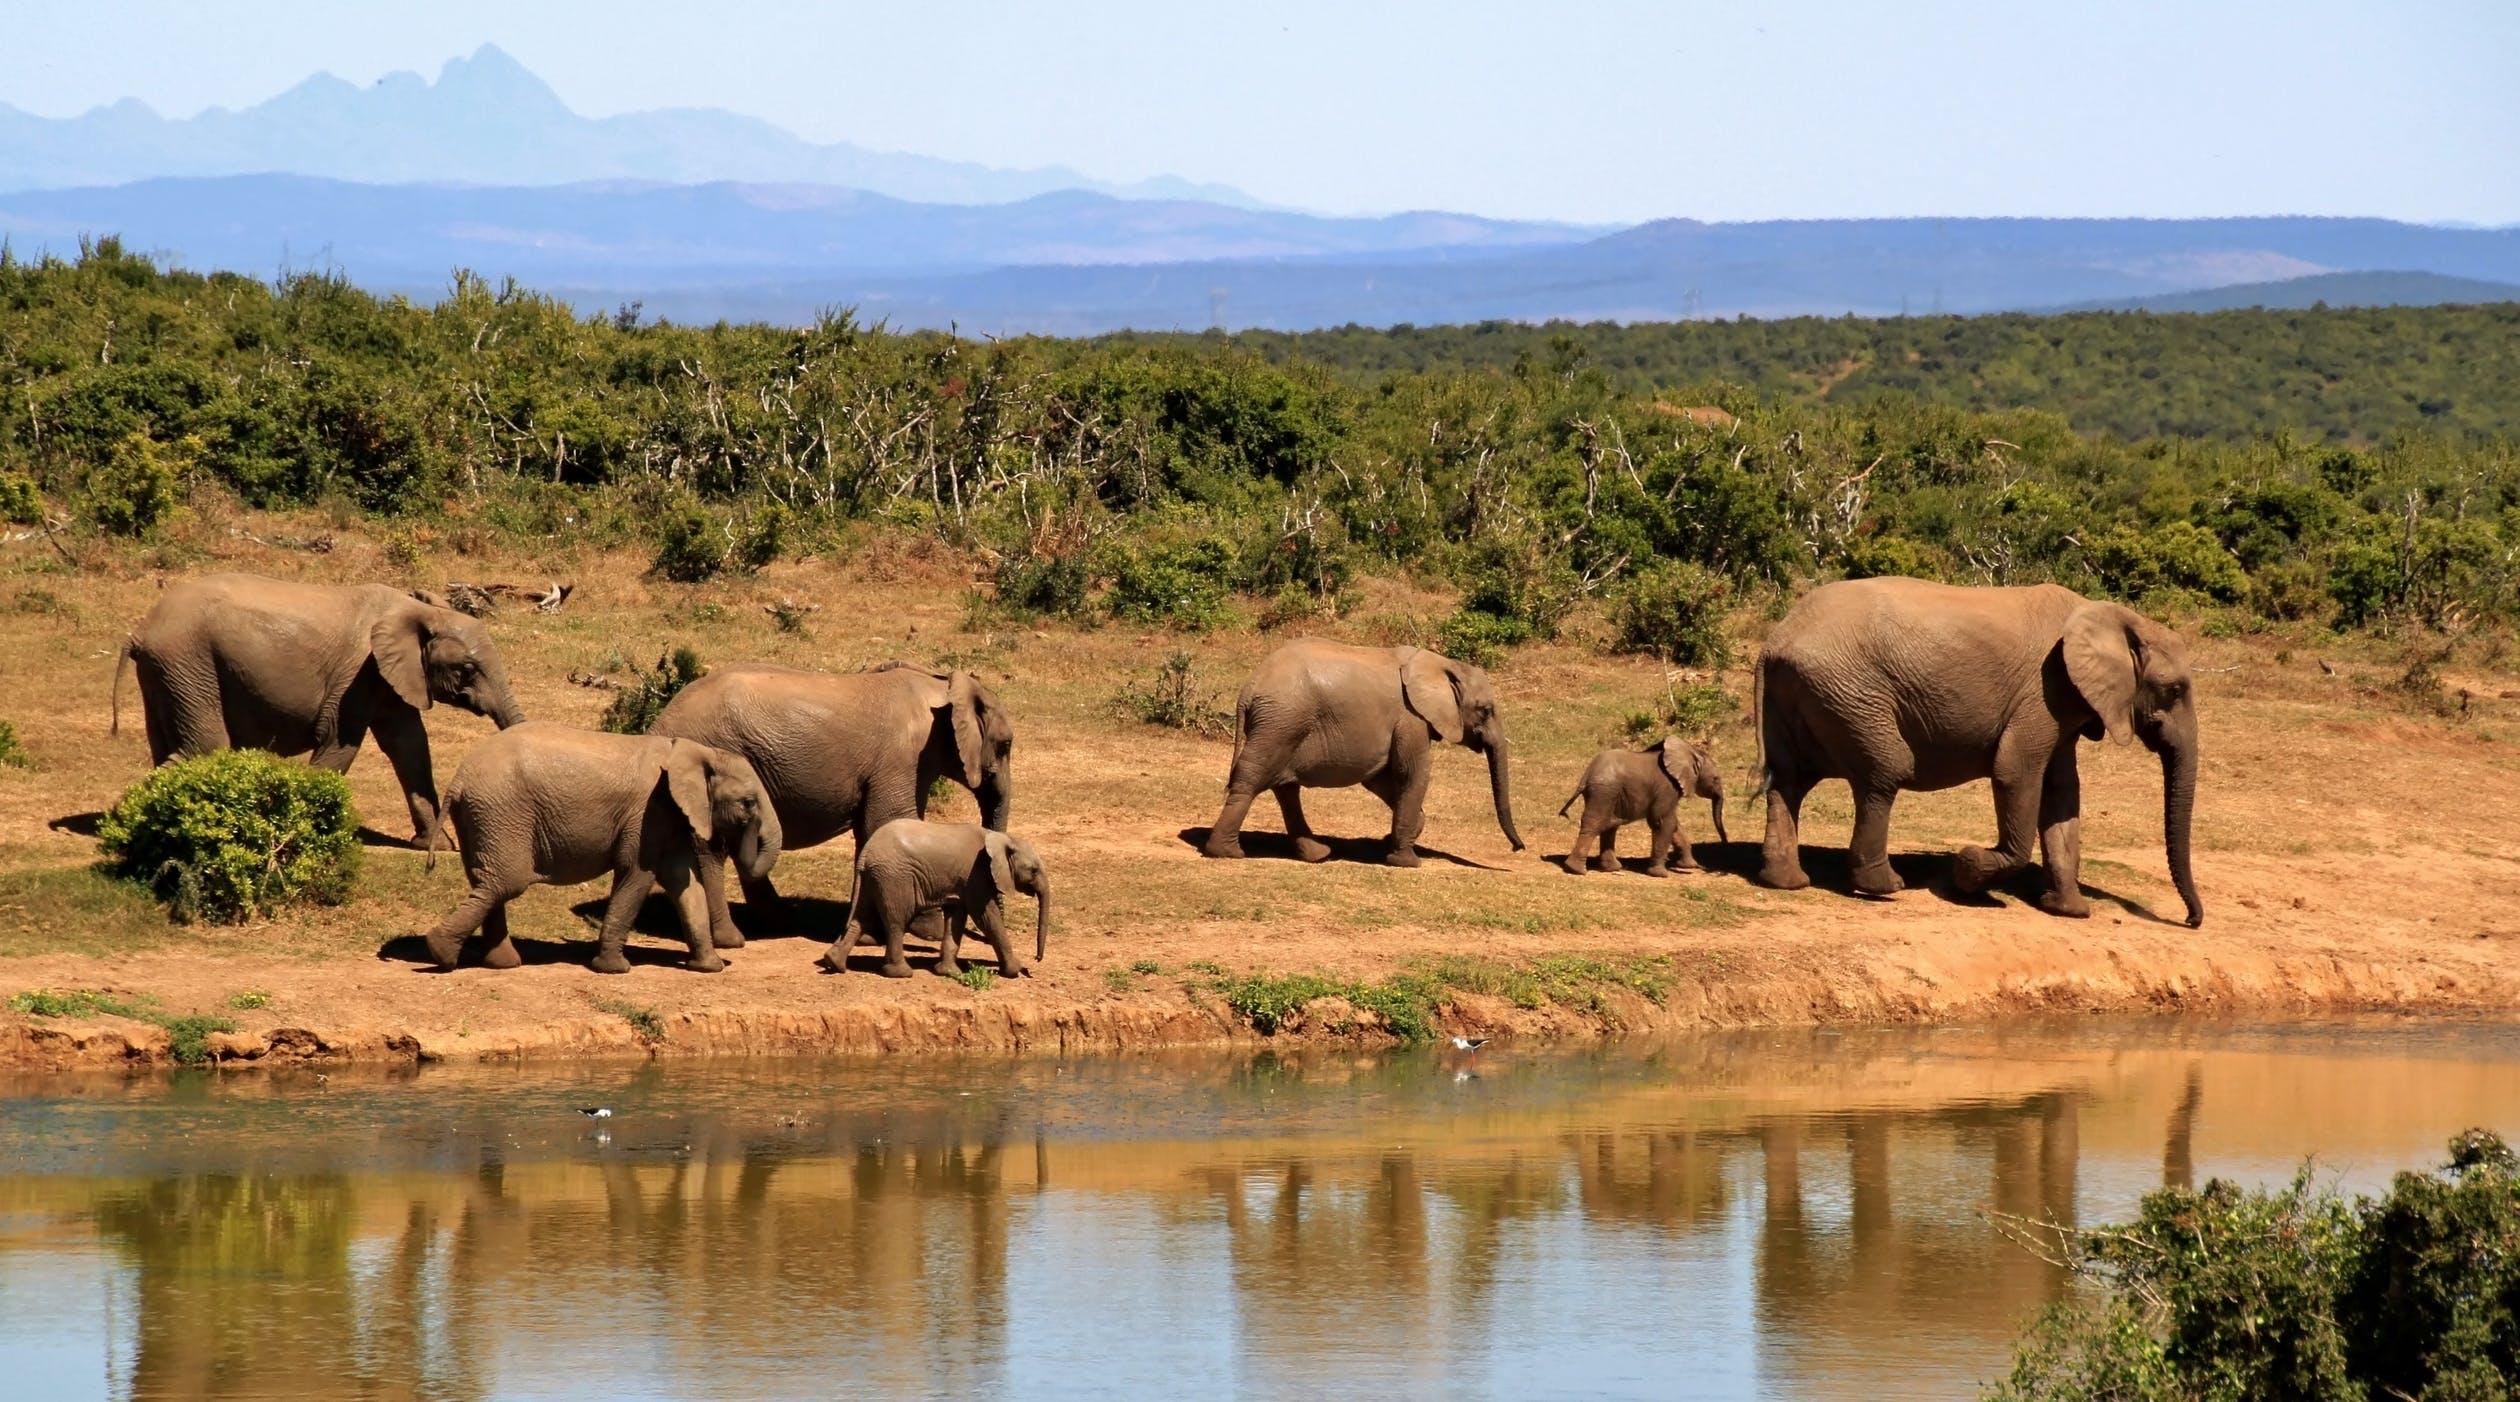 elefantflok ved vandhullet